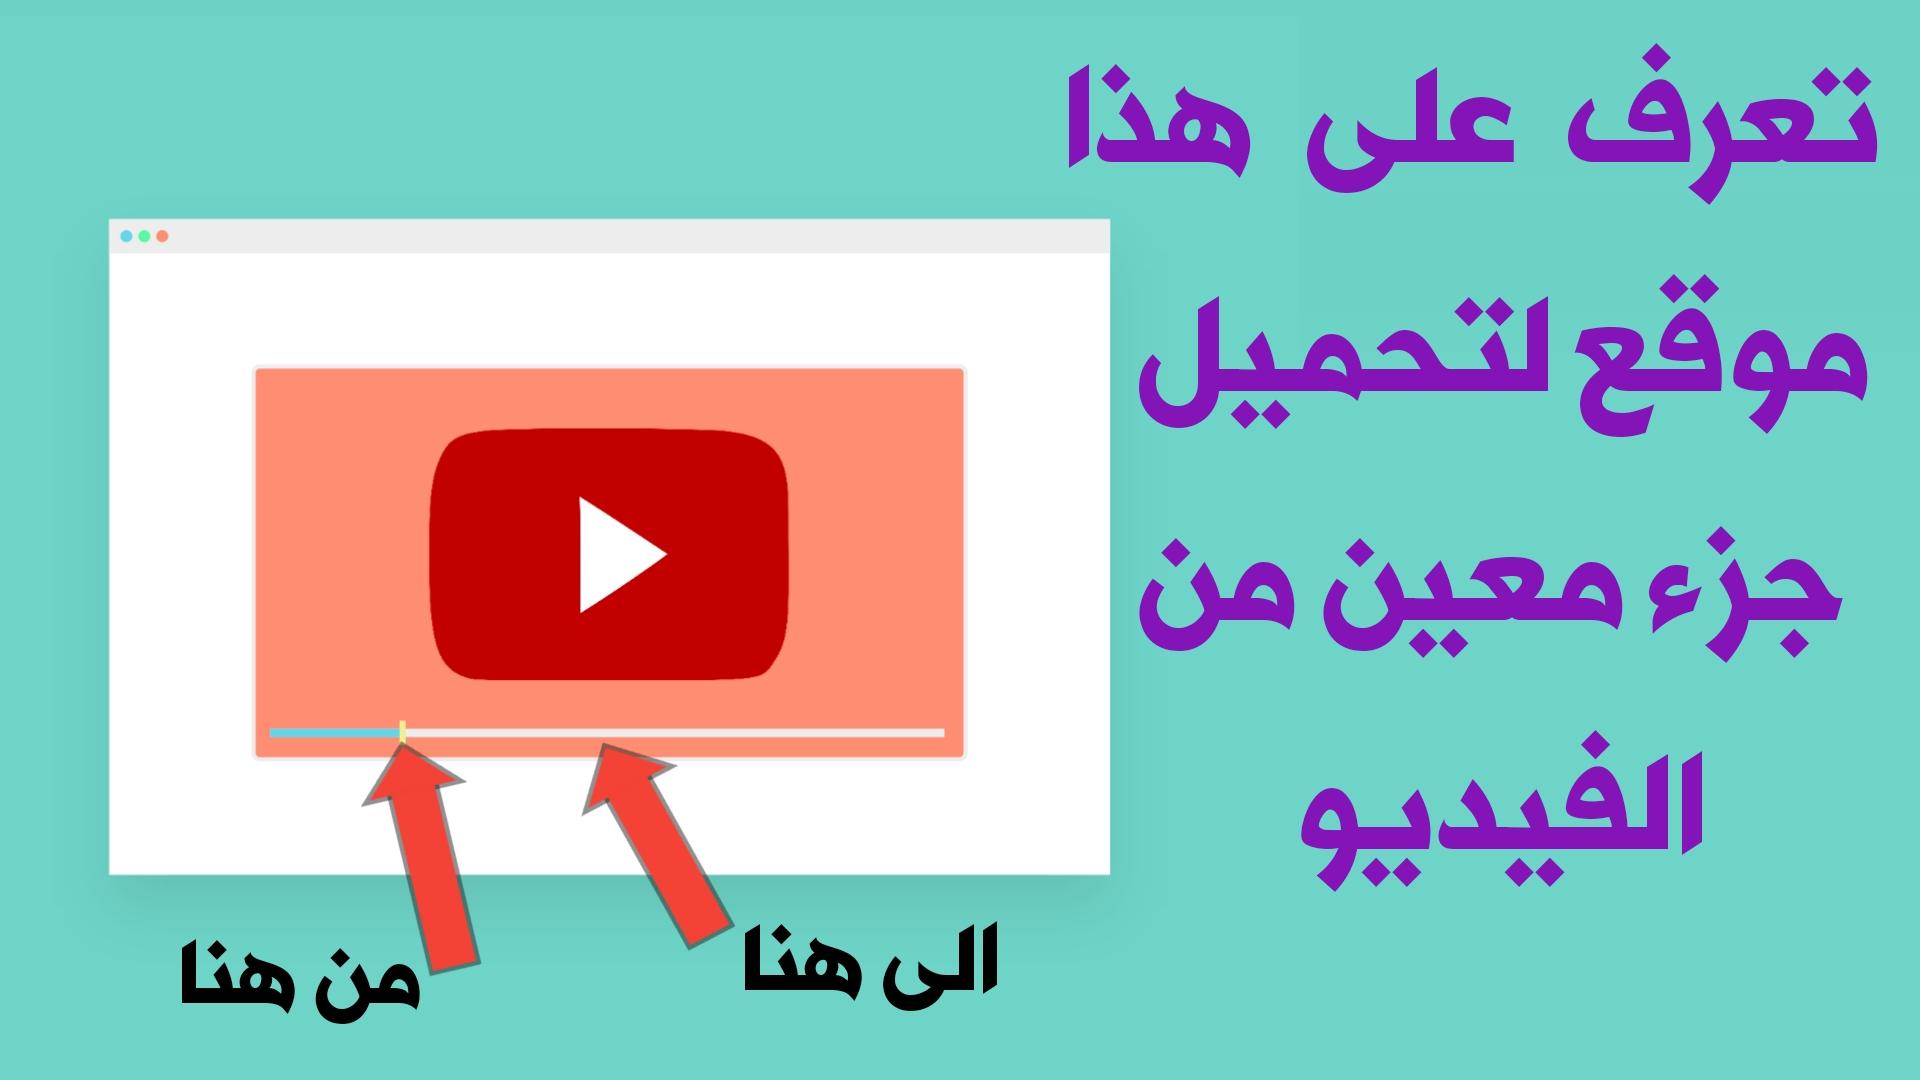 تعرف على هذا الموقع لتحميل جزء معين من الفيديو على YouTube بجودتة الأصلية